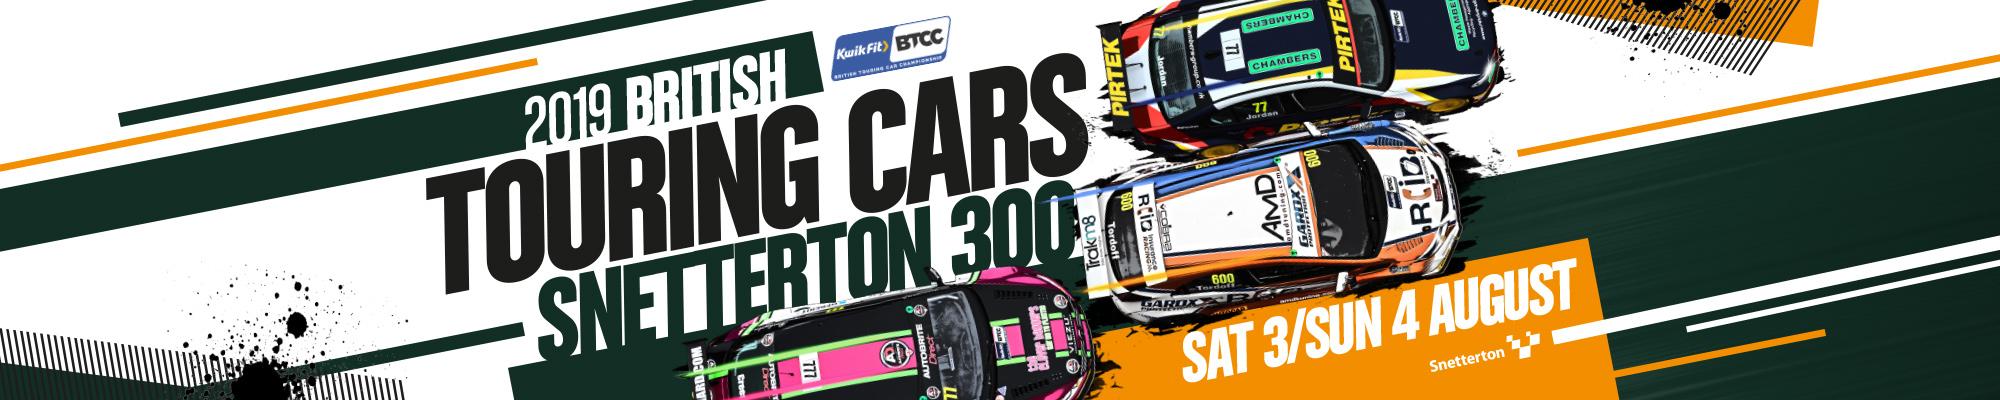 Kwik Fit British Touring Car Championship